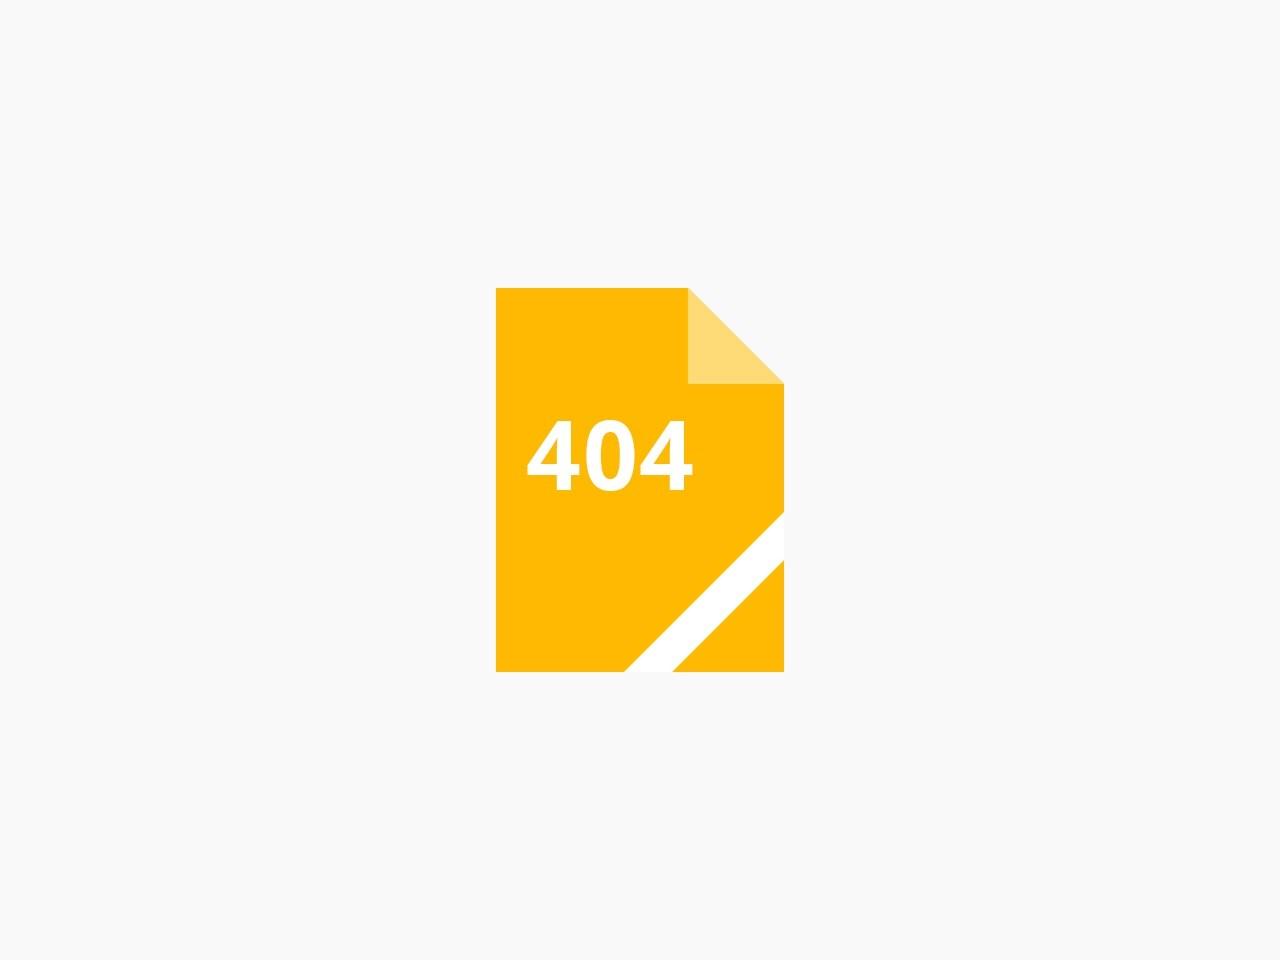 アパレルウェブ: アパレル・ファッション業界情報サイト